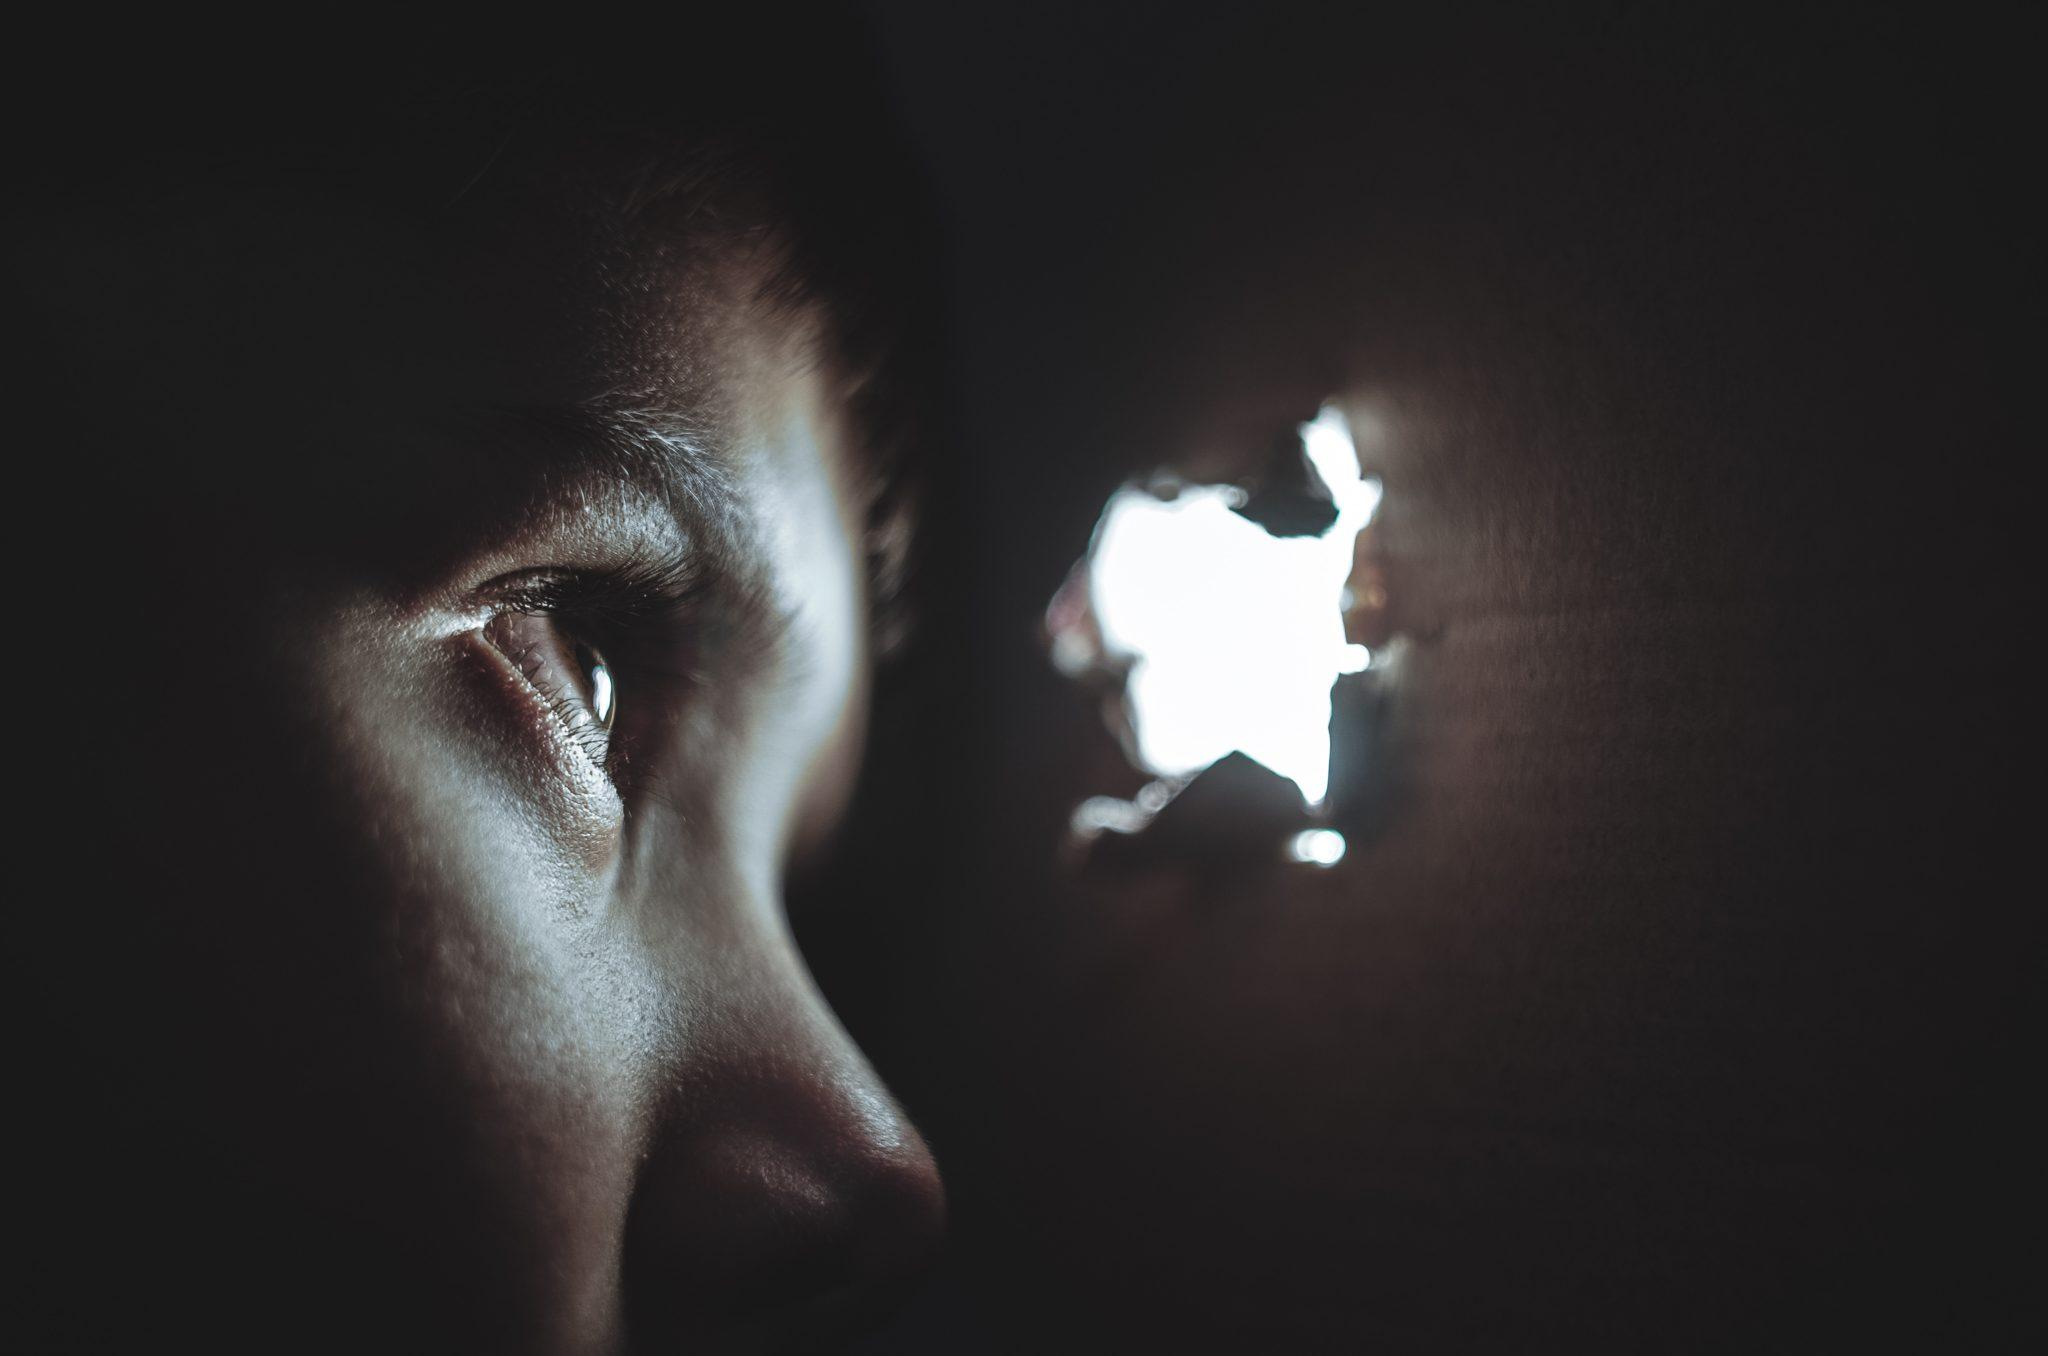 tunteiden tukahduttaminen sairastuttaa